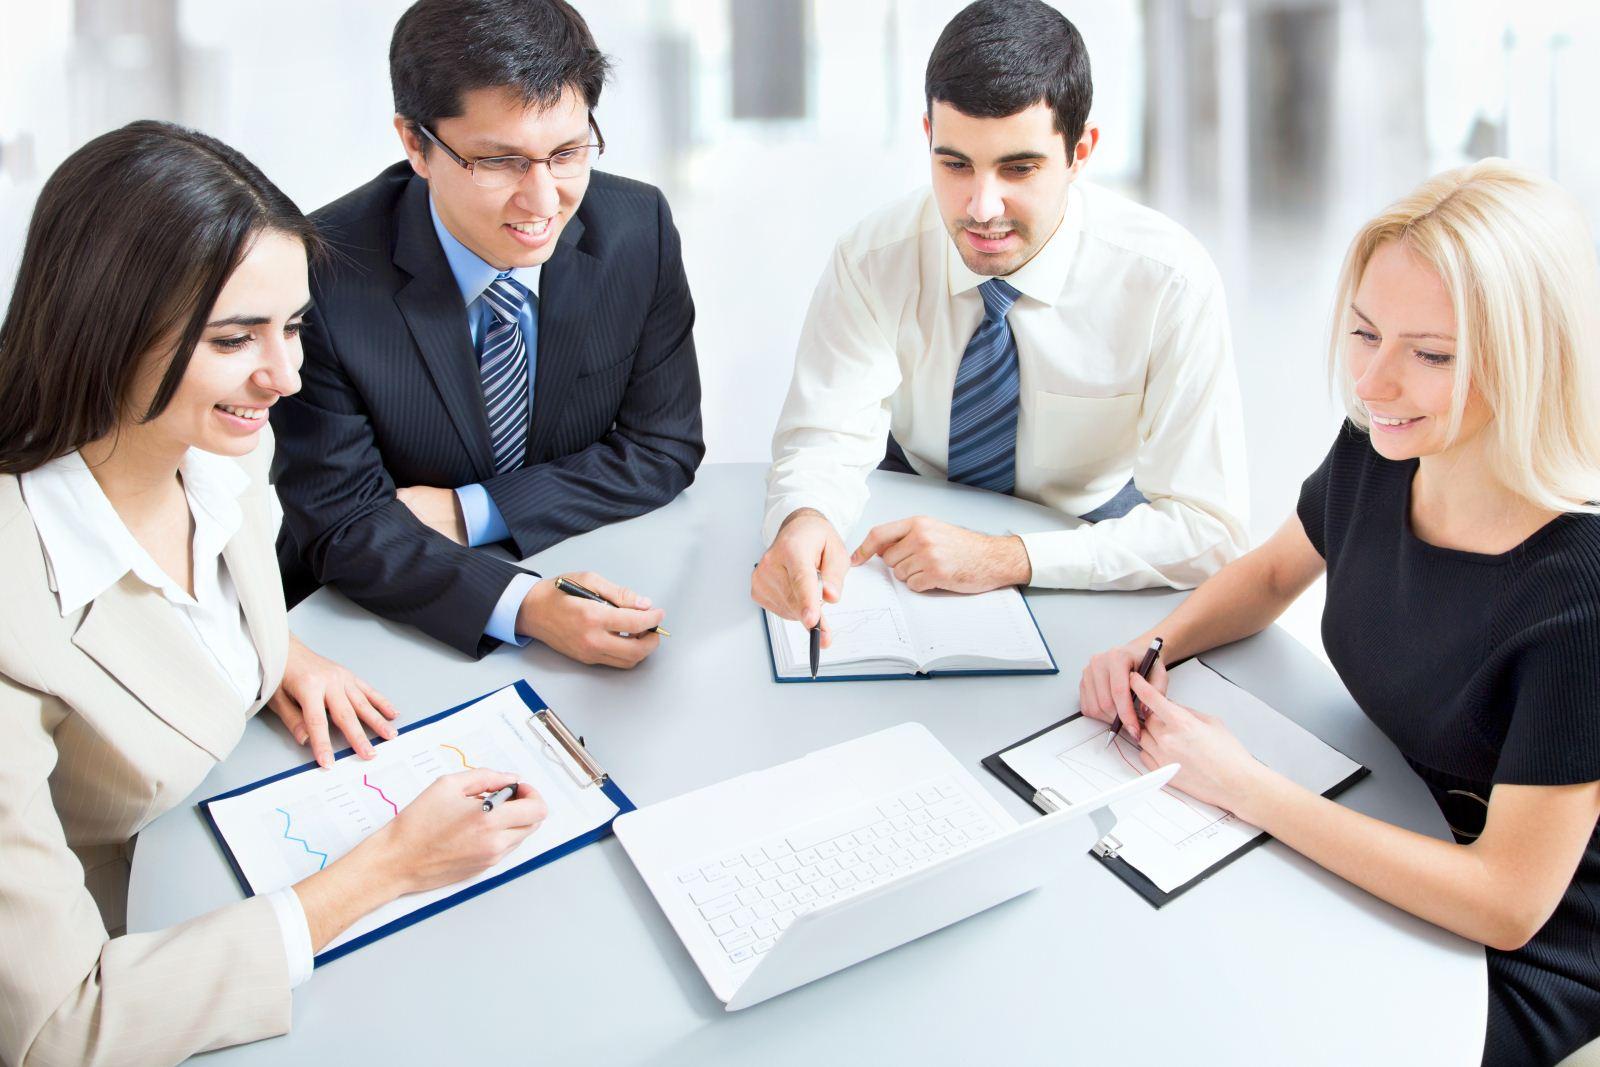 Dịch vụ thay đổi tên công ty cổ phần tại Nghệ An